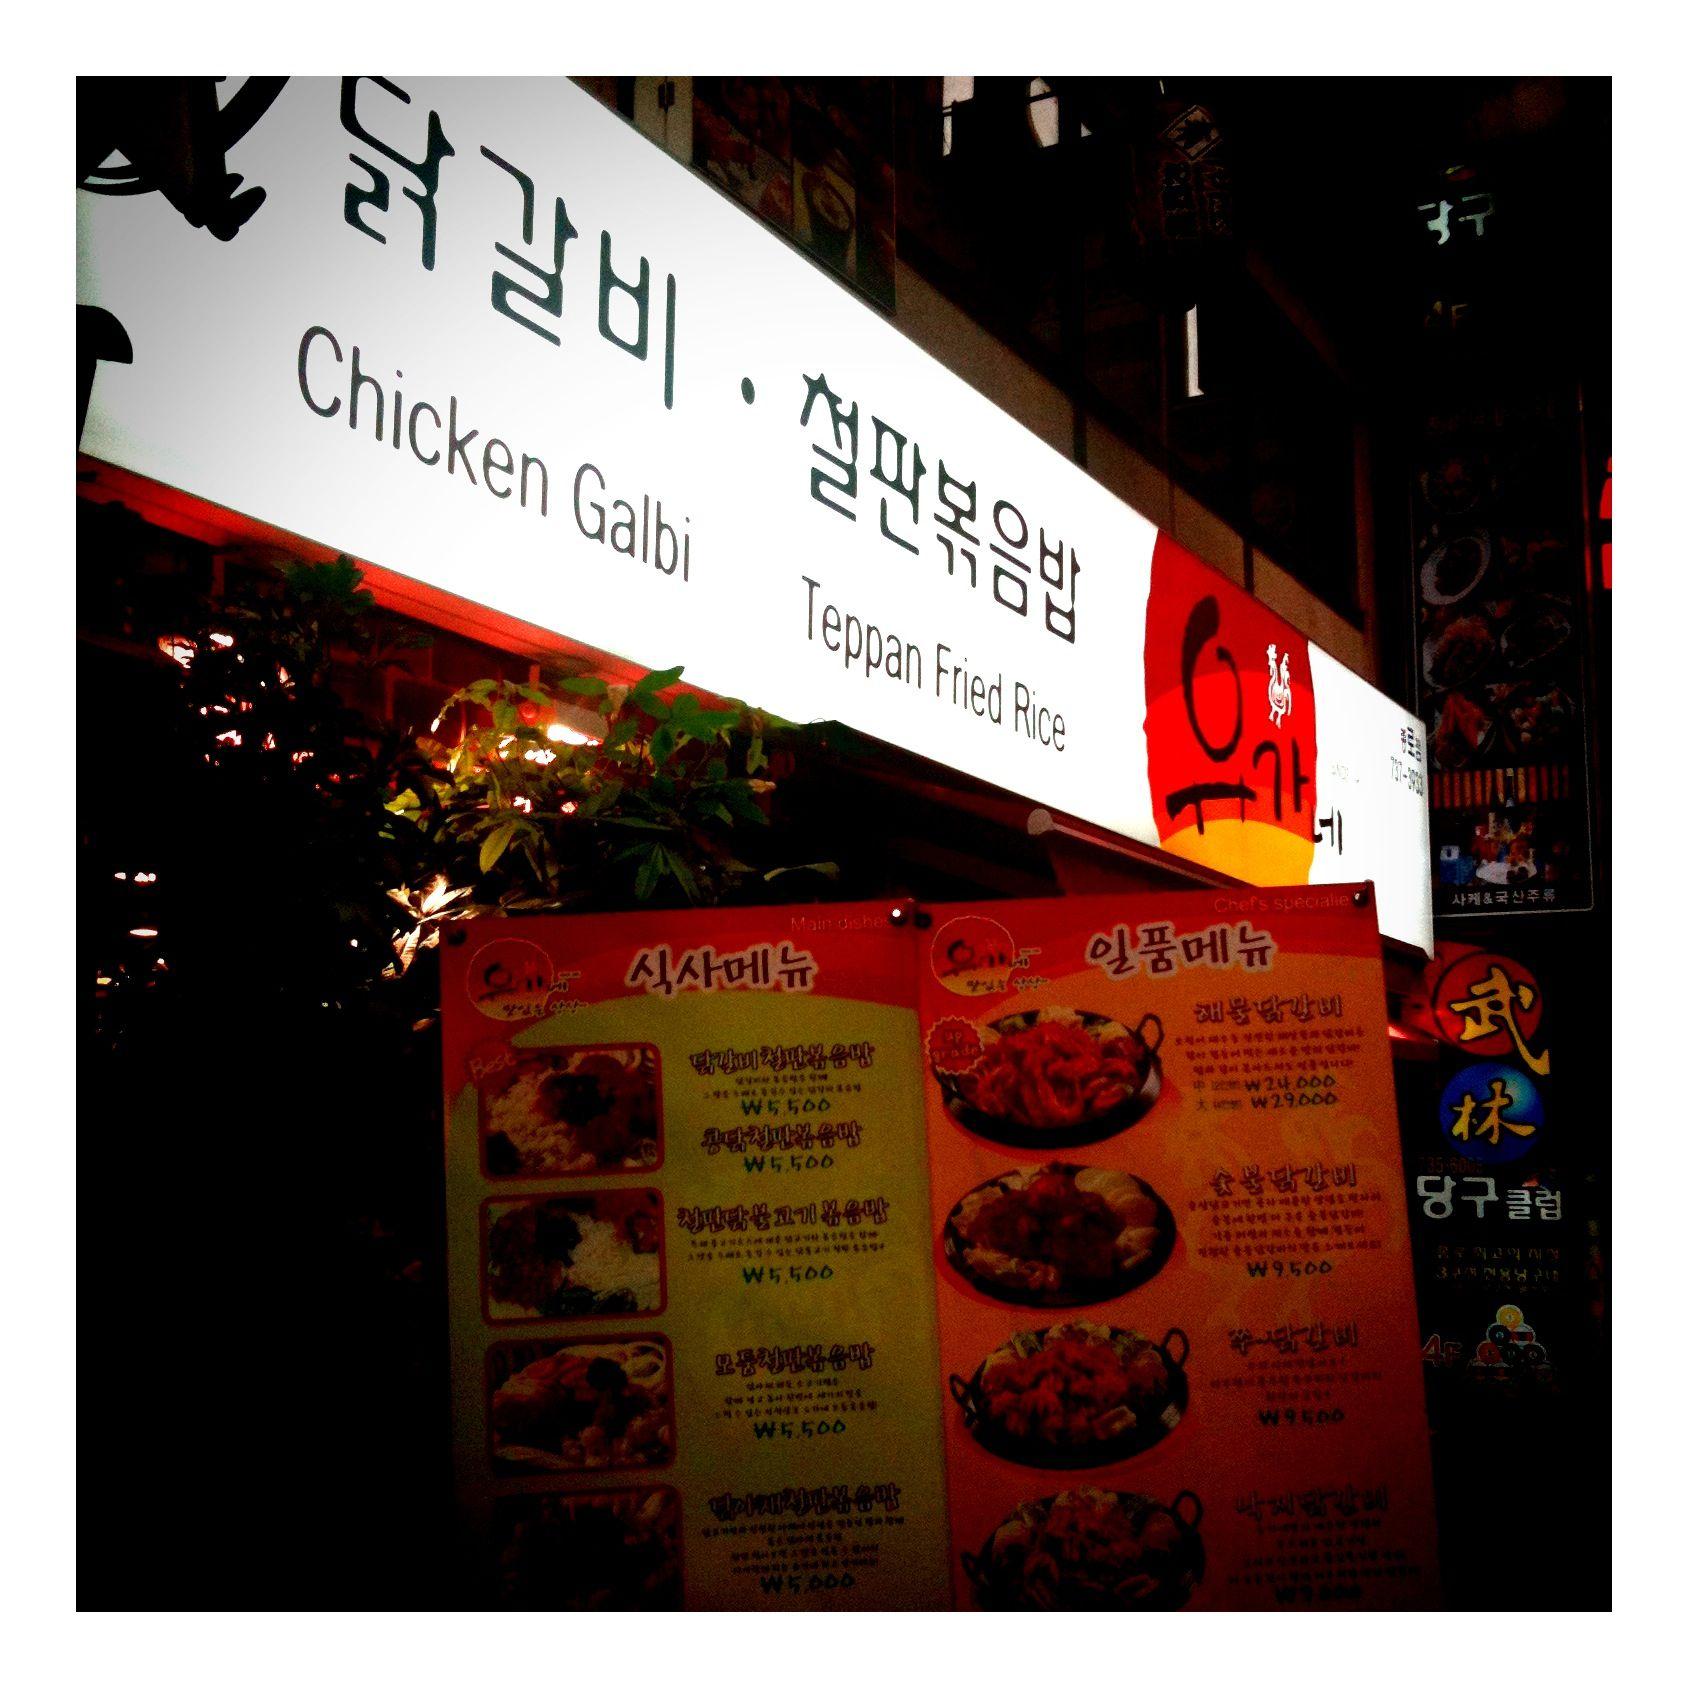 춘천닭갈비는 유가네 닭갈비와 비교가 안됩니다.^^